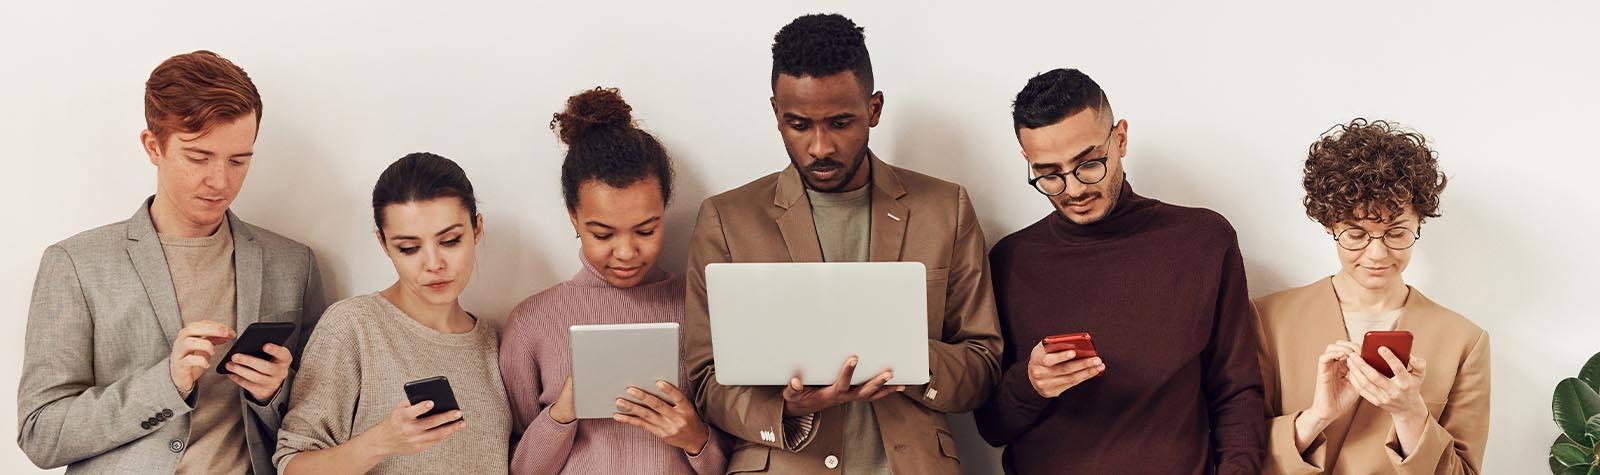 Hoe behoud je privacy op mobiele apparaten?